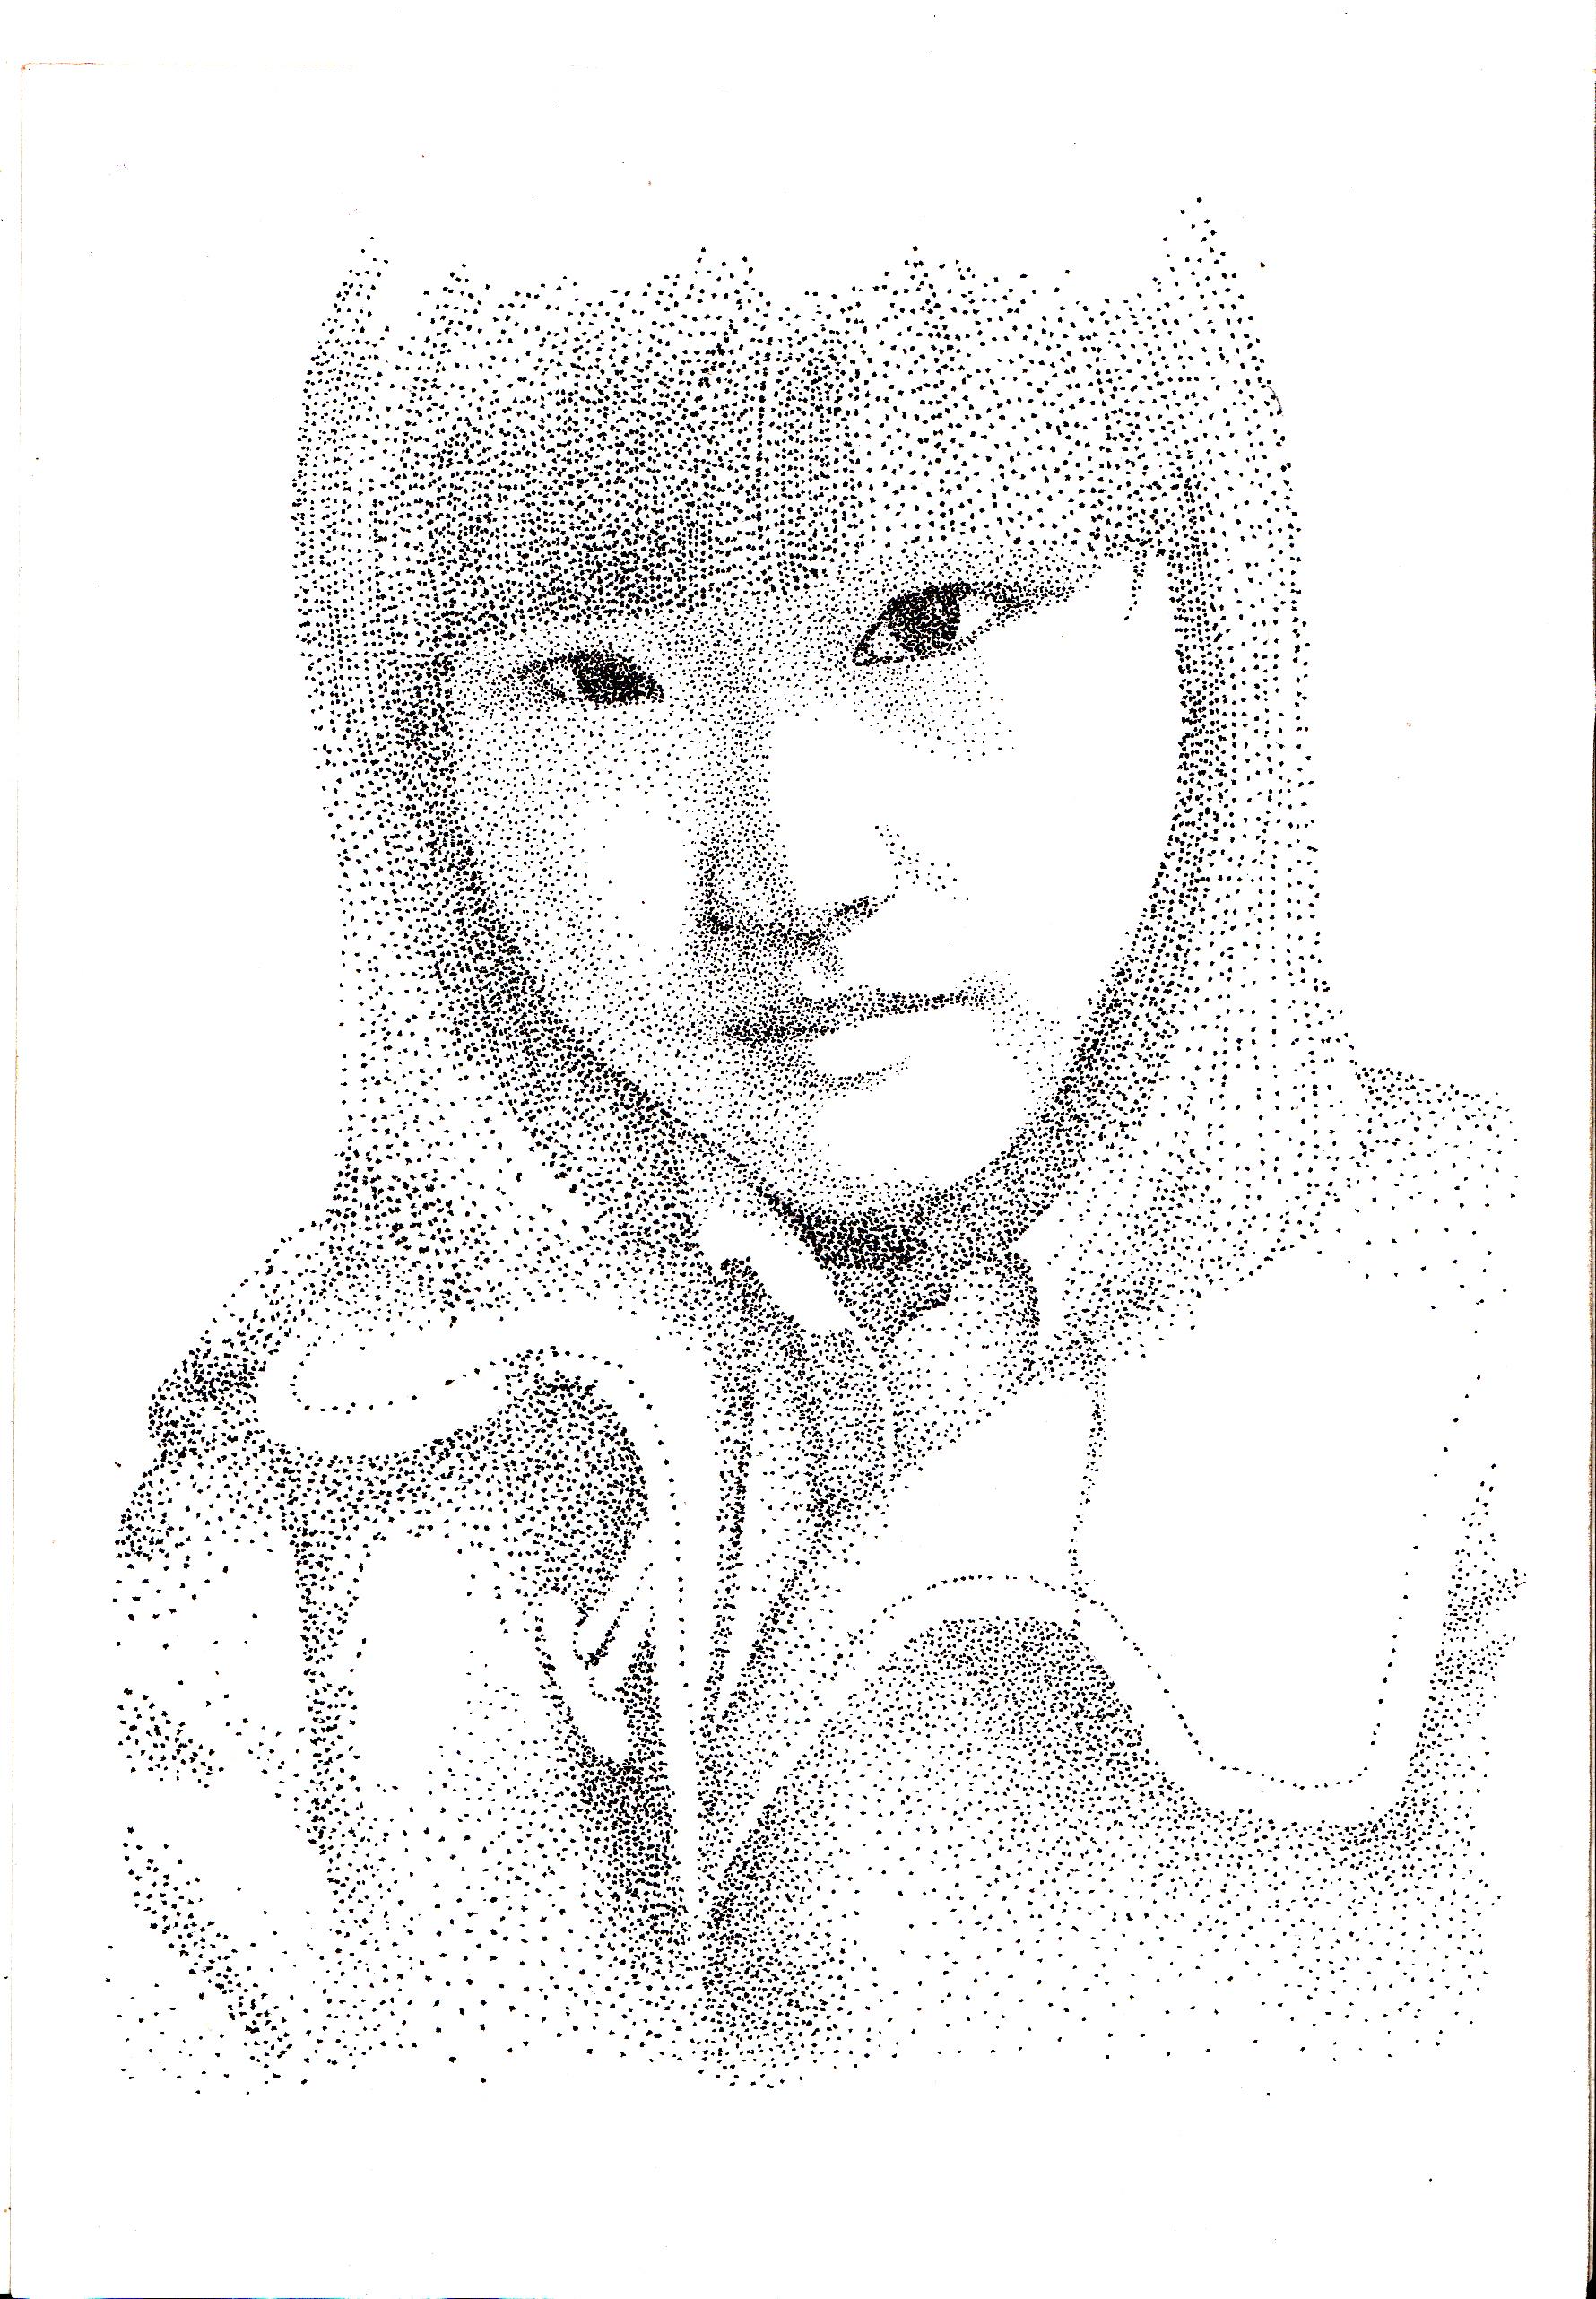 彩手绘人物面部画法